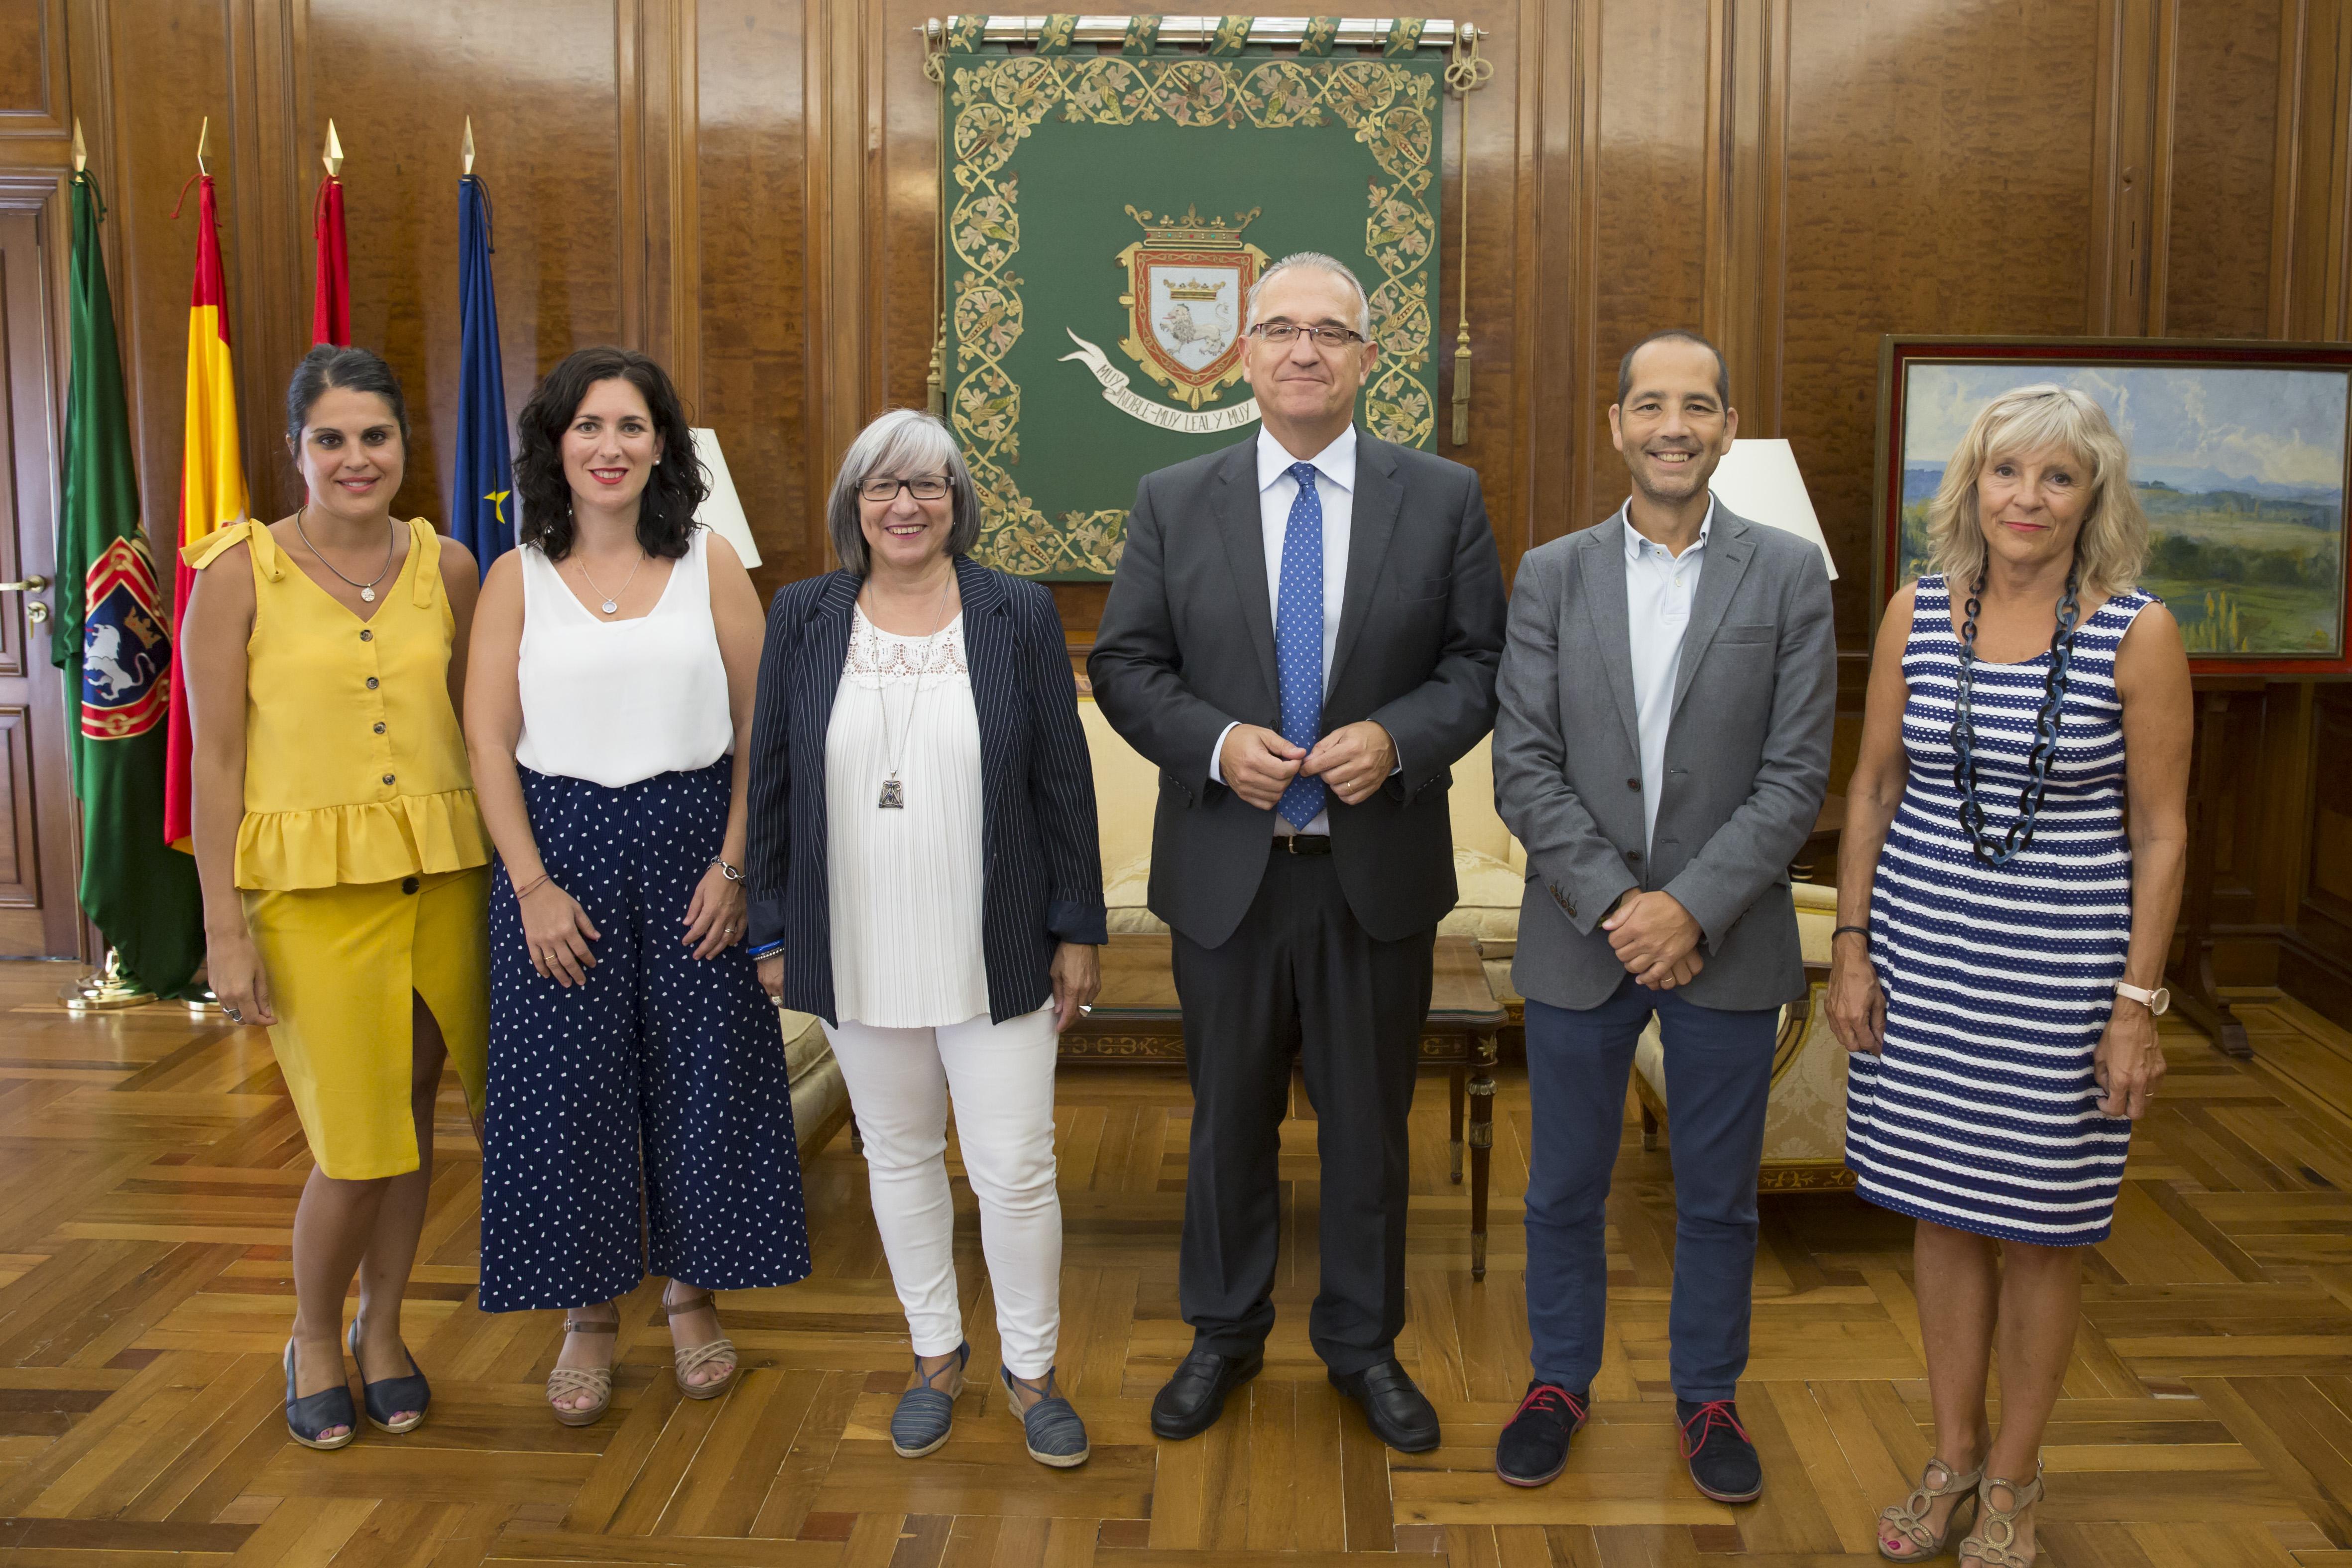 De izquierda a derecha: Olivia Elizari, Mirian Nepote, Mariluz Sanz, Enrique Maya, Manuel Arellano y María Caballero.